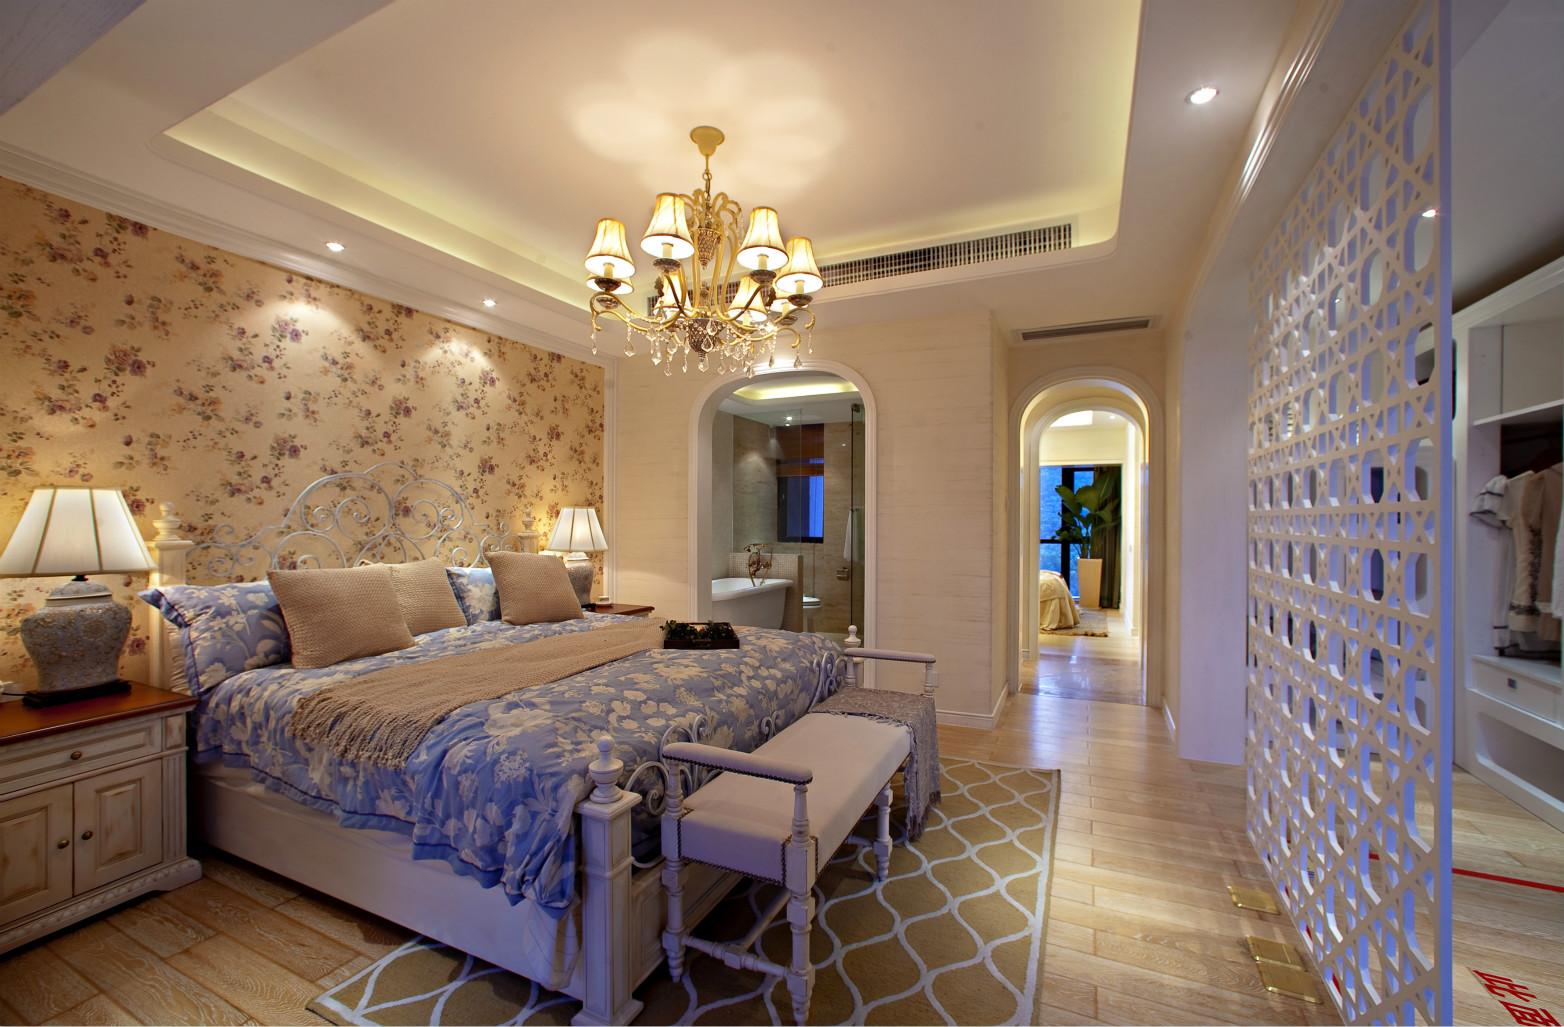 主卧豪华感,以温馨和舒适为主,比较简单,采光很好,家具都是原木的家具,富有自然气息。